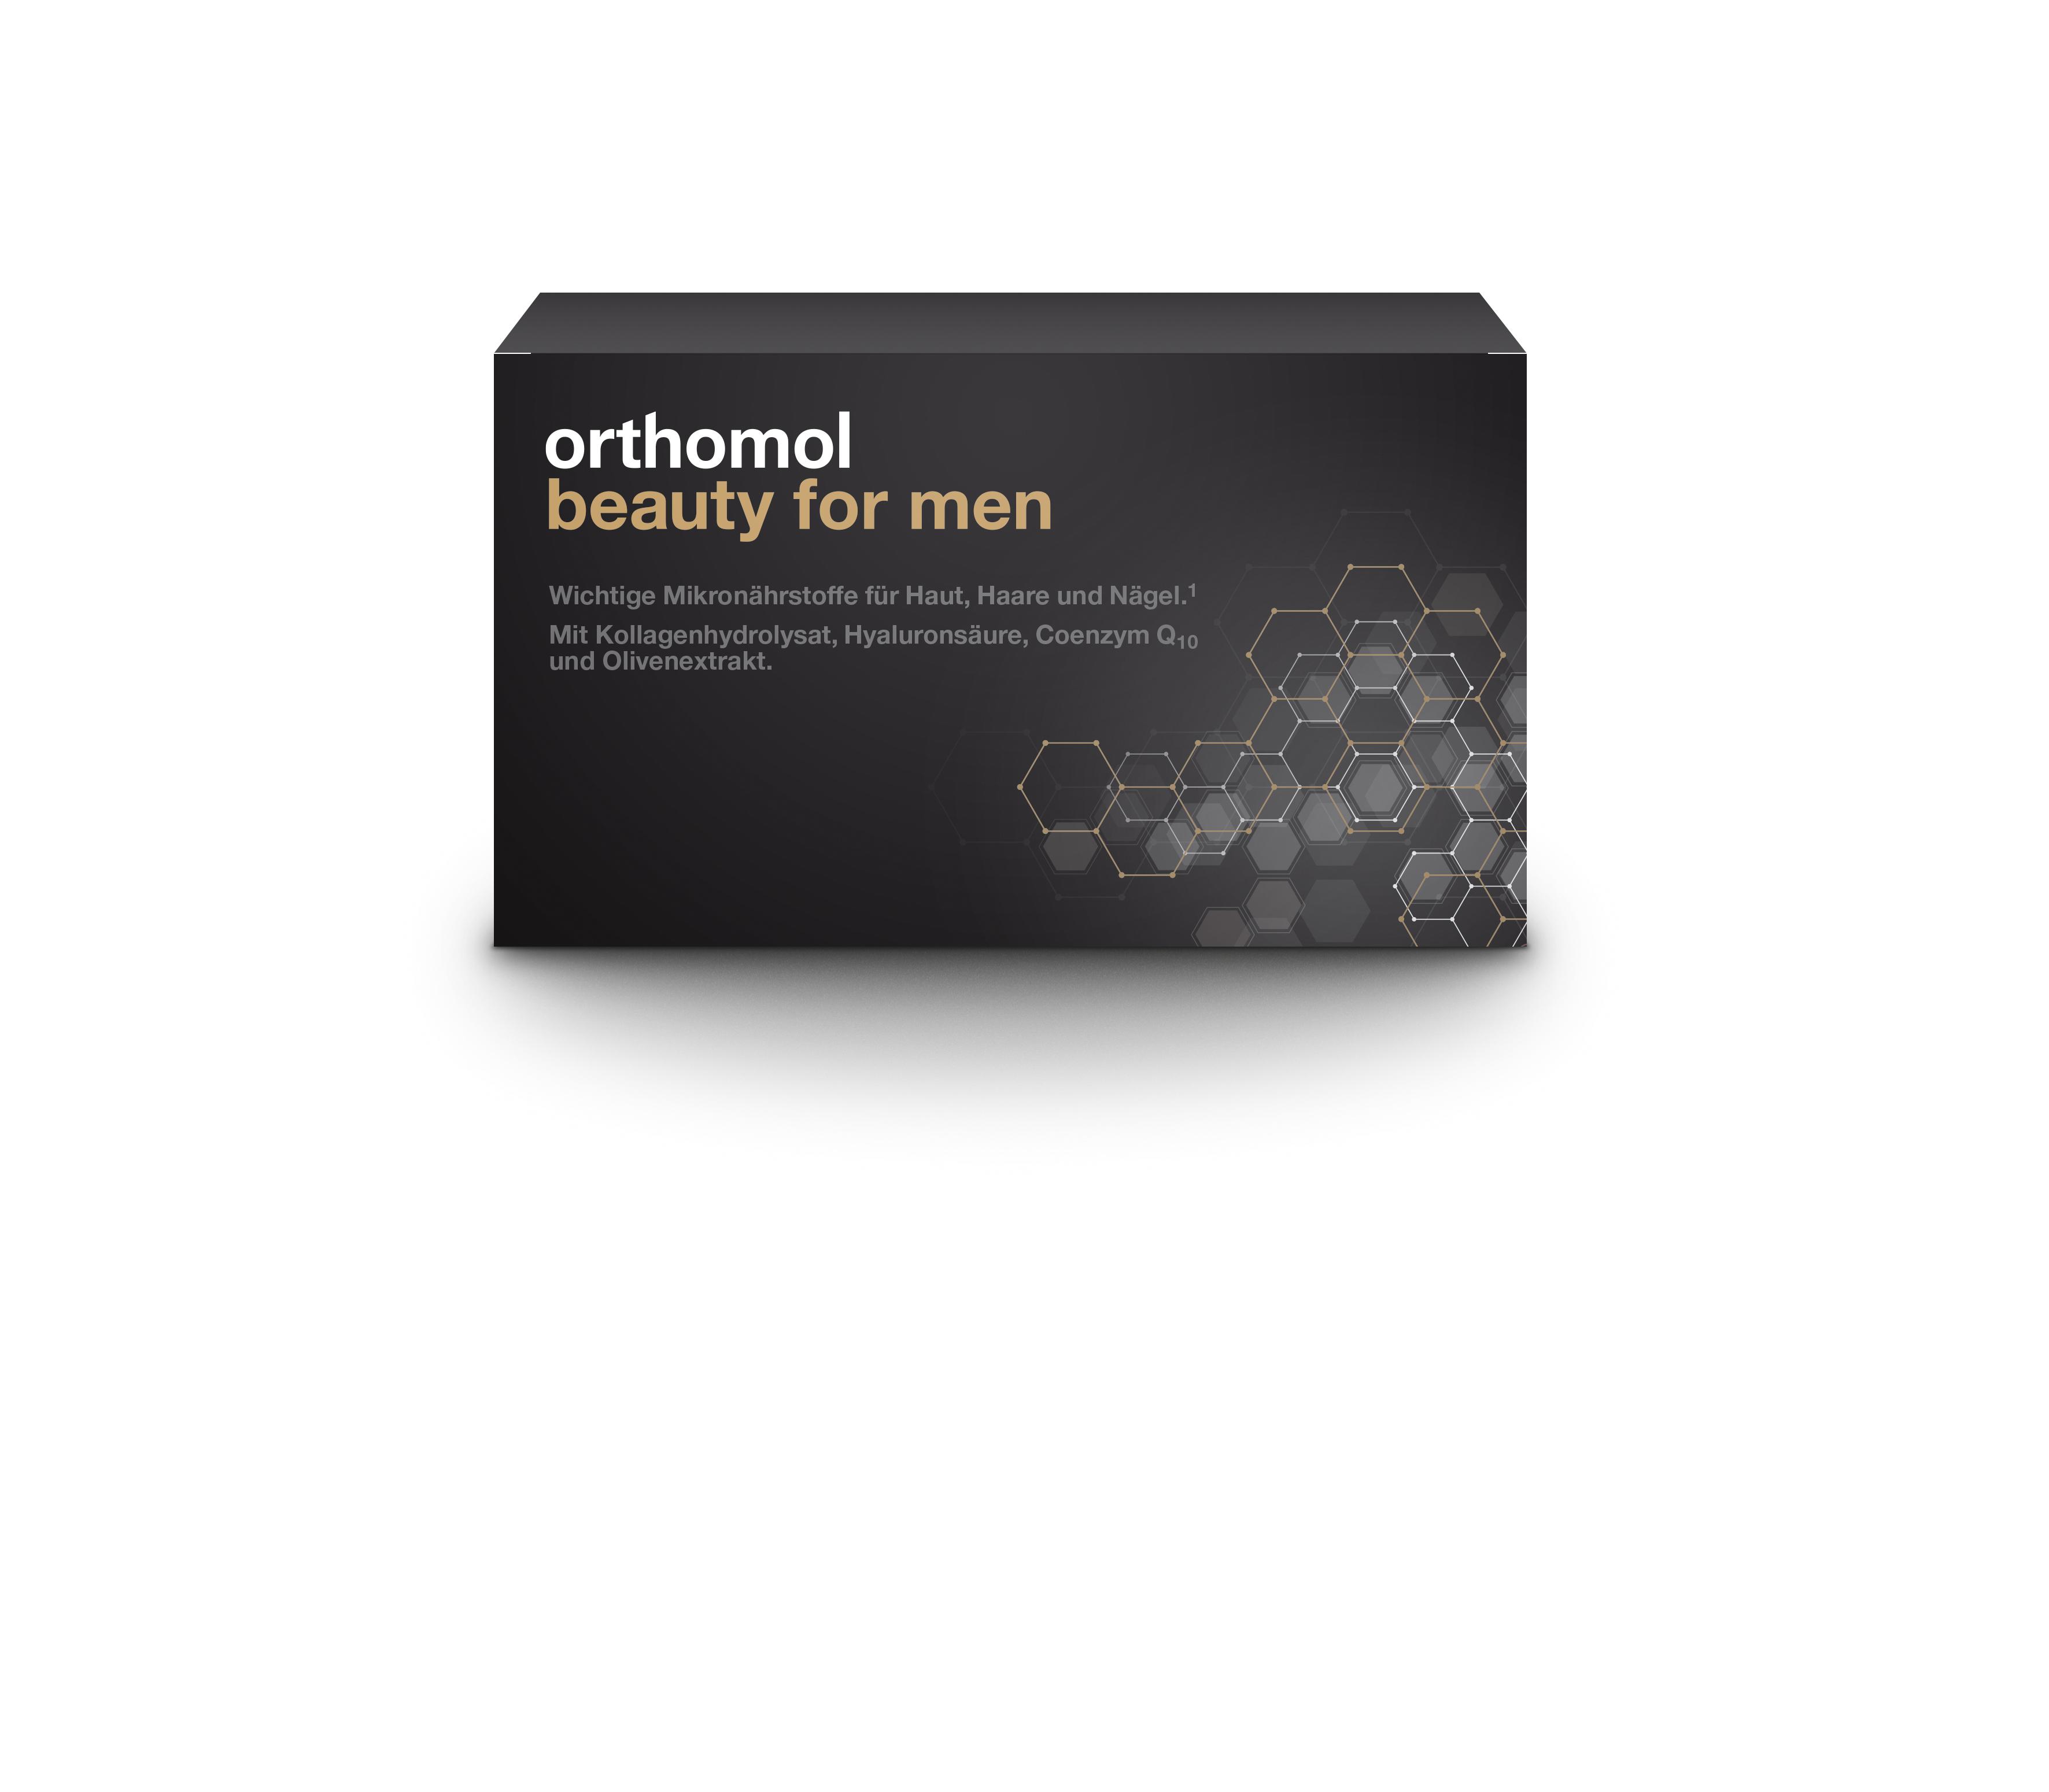 Orthomol Beauty for men